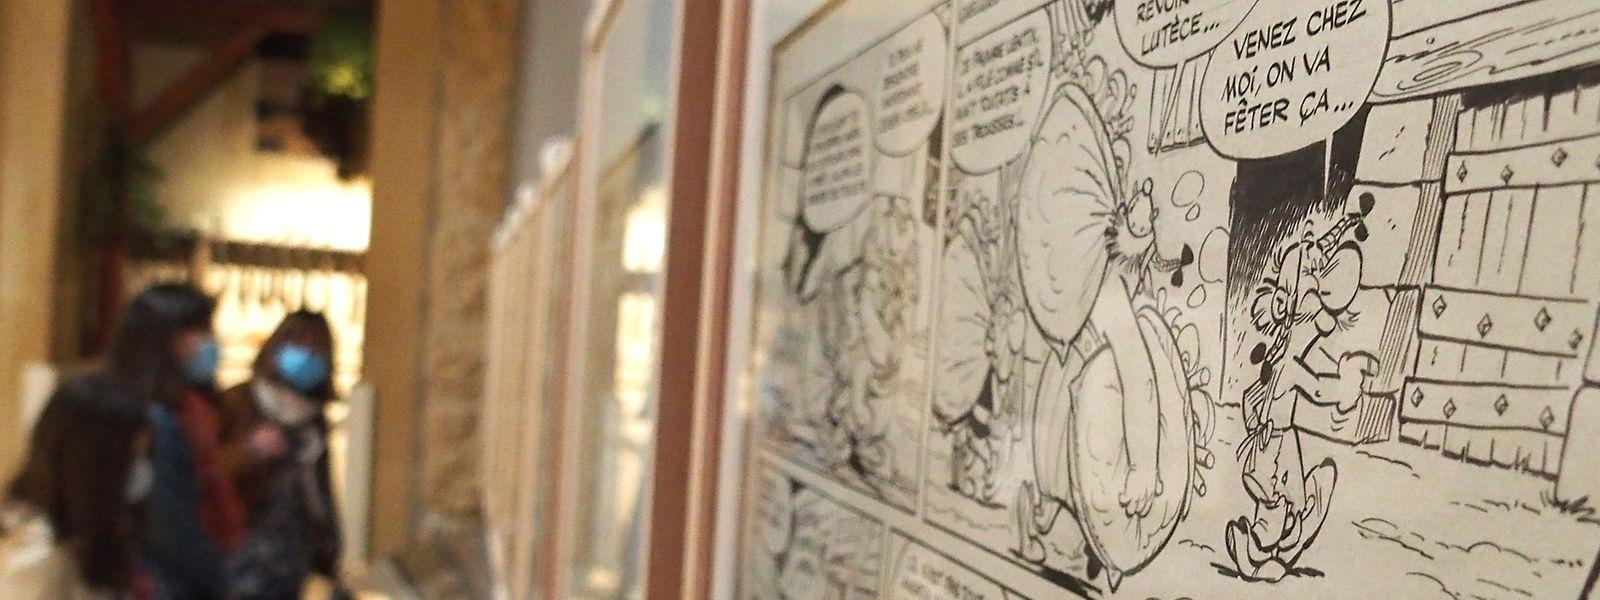 Neuf planches originales de l'album La Serpe d'or sont notamment visibles au fil de la visite.